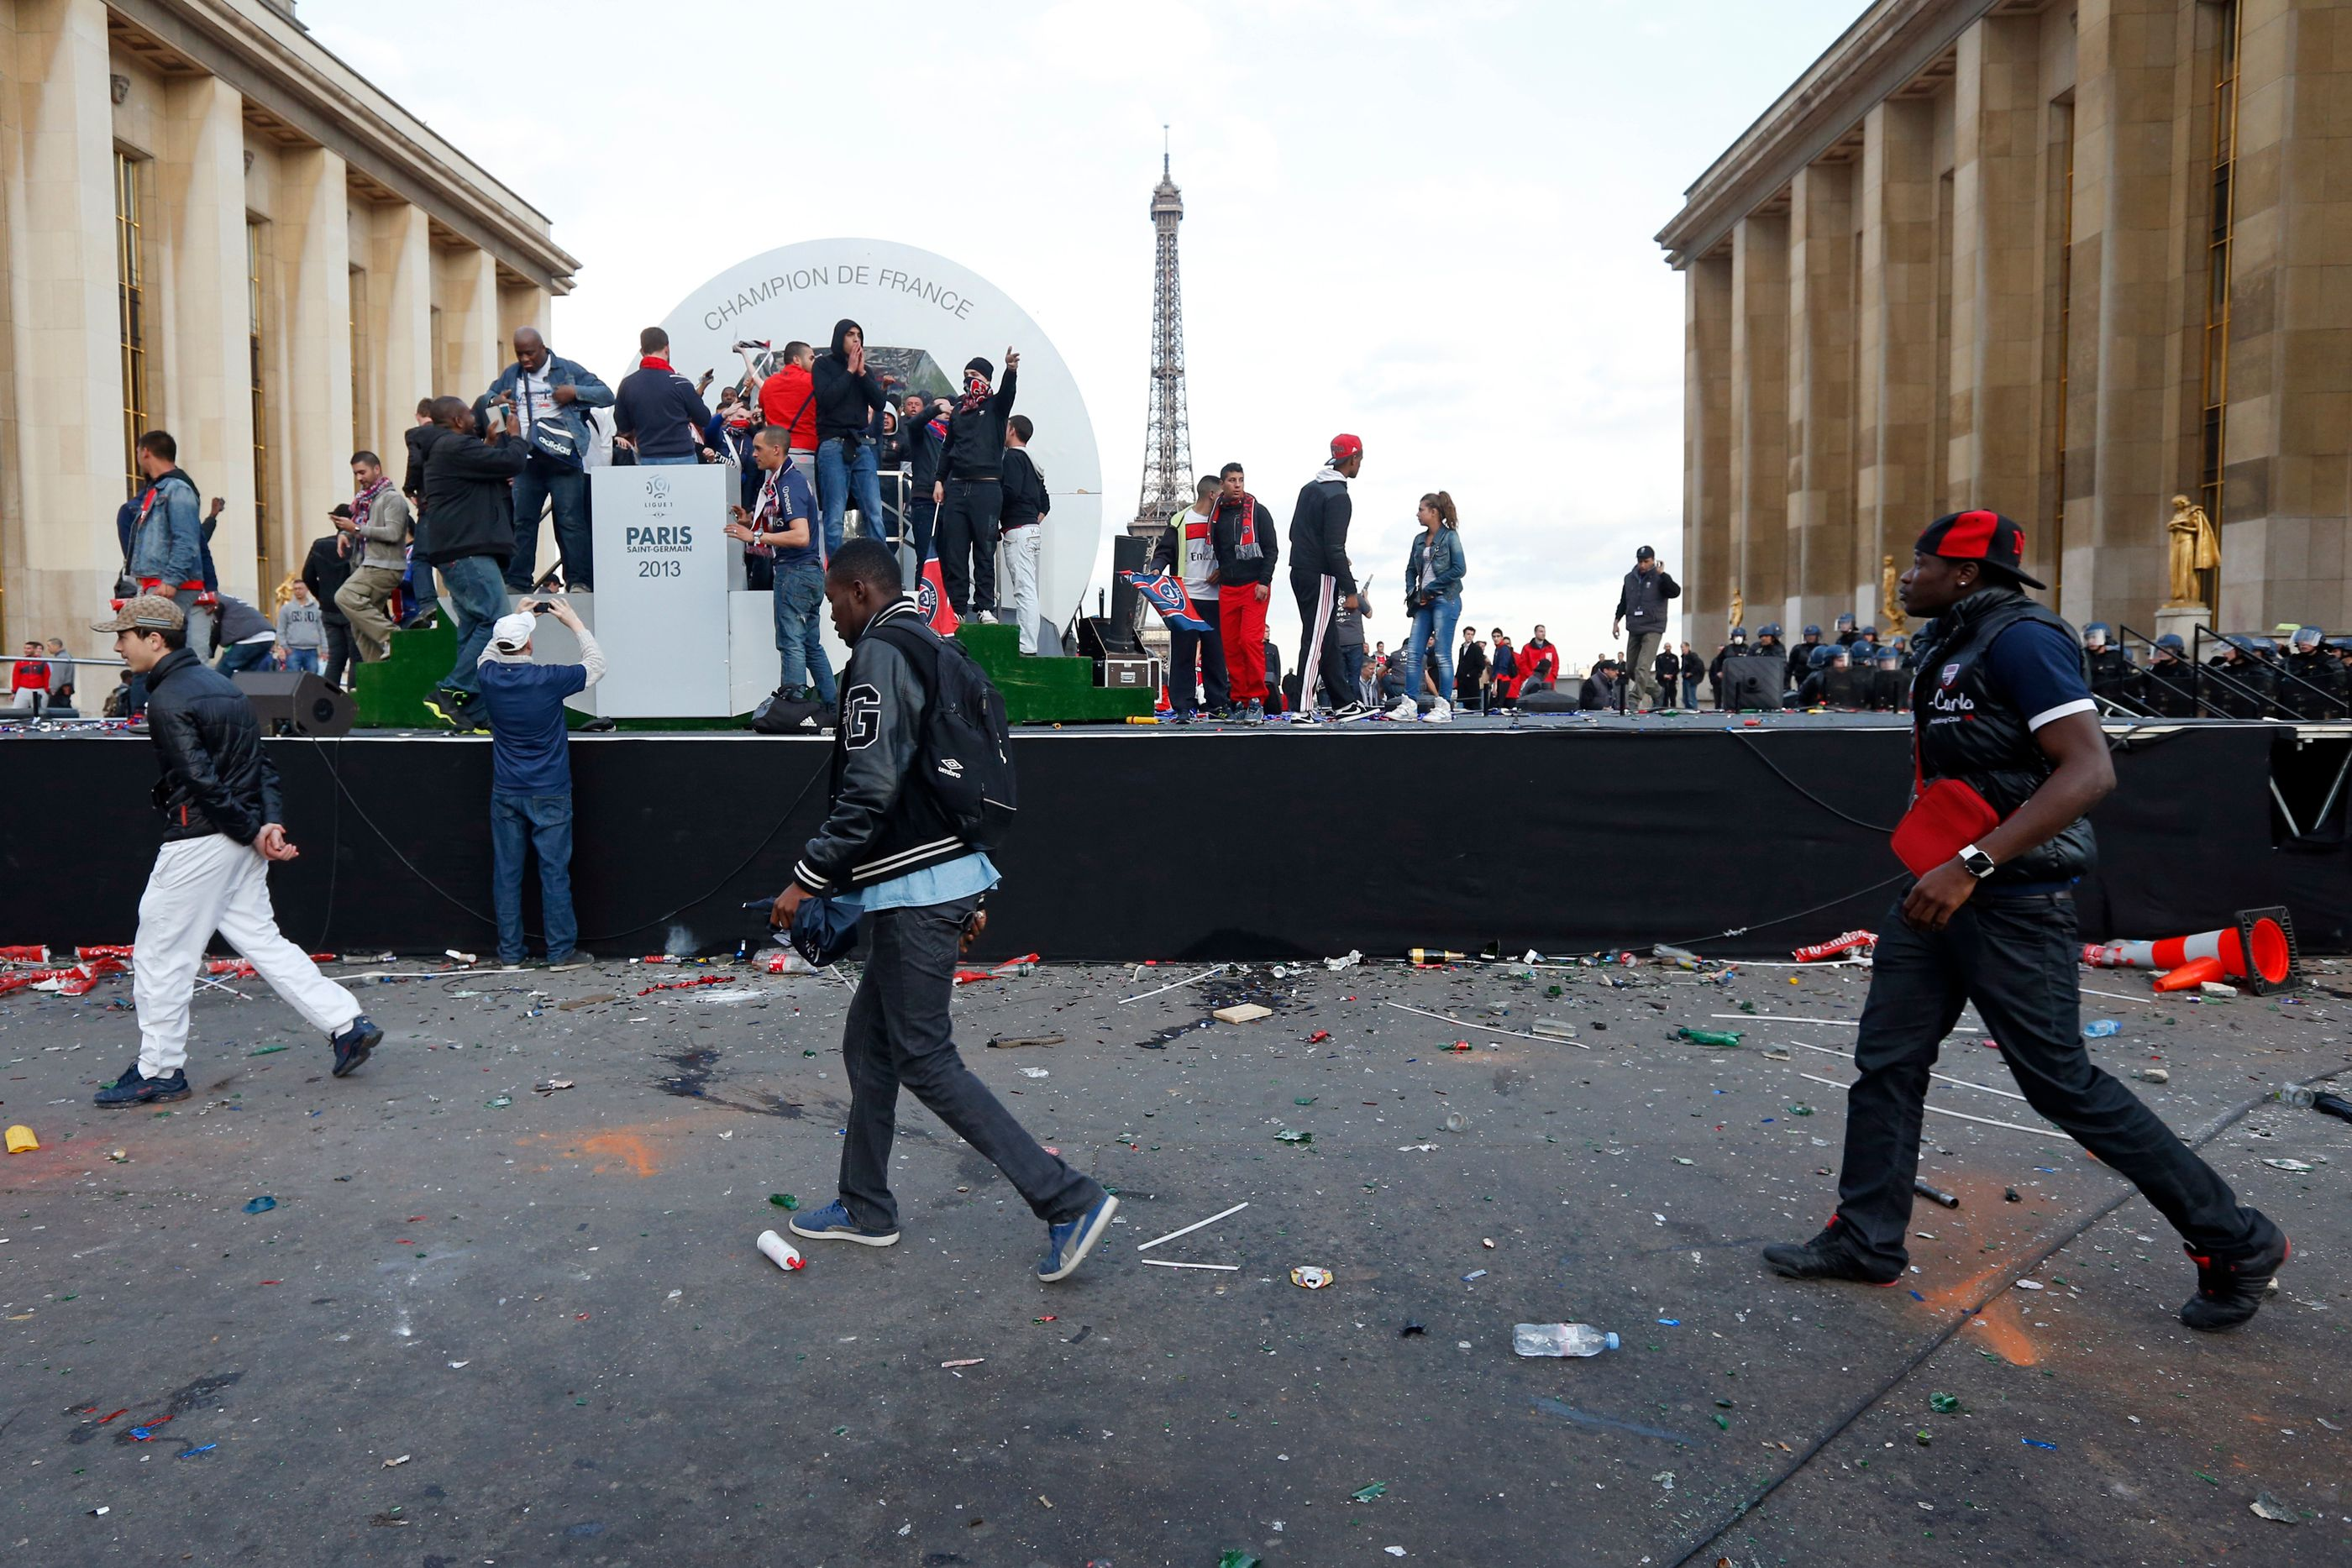 Les émeutes du Trocadéro ont fait 32 blessés.